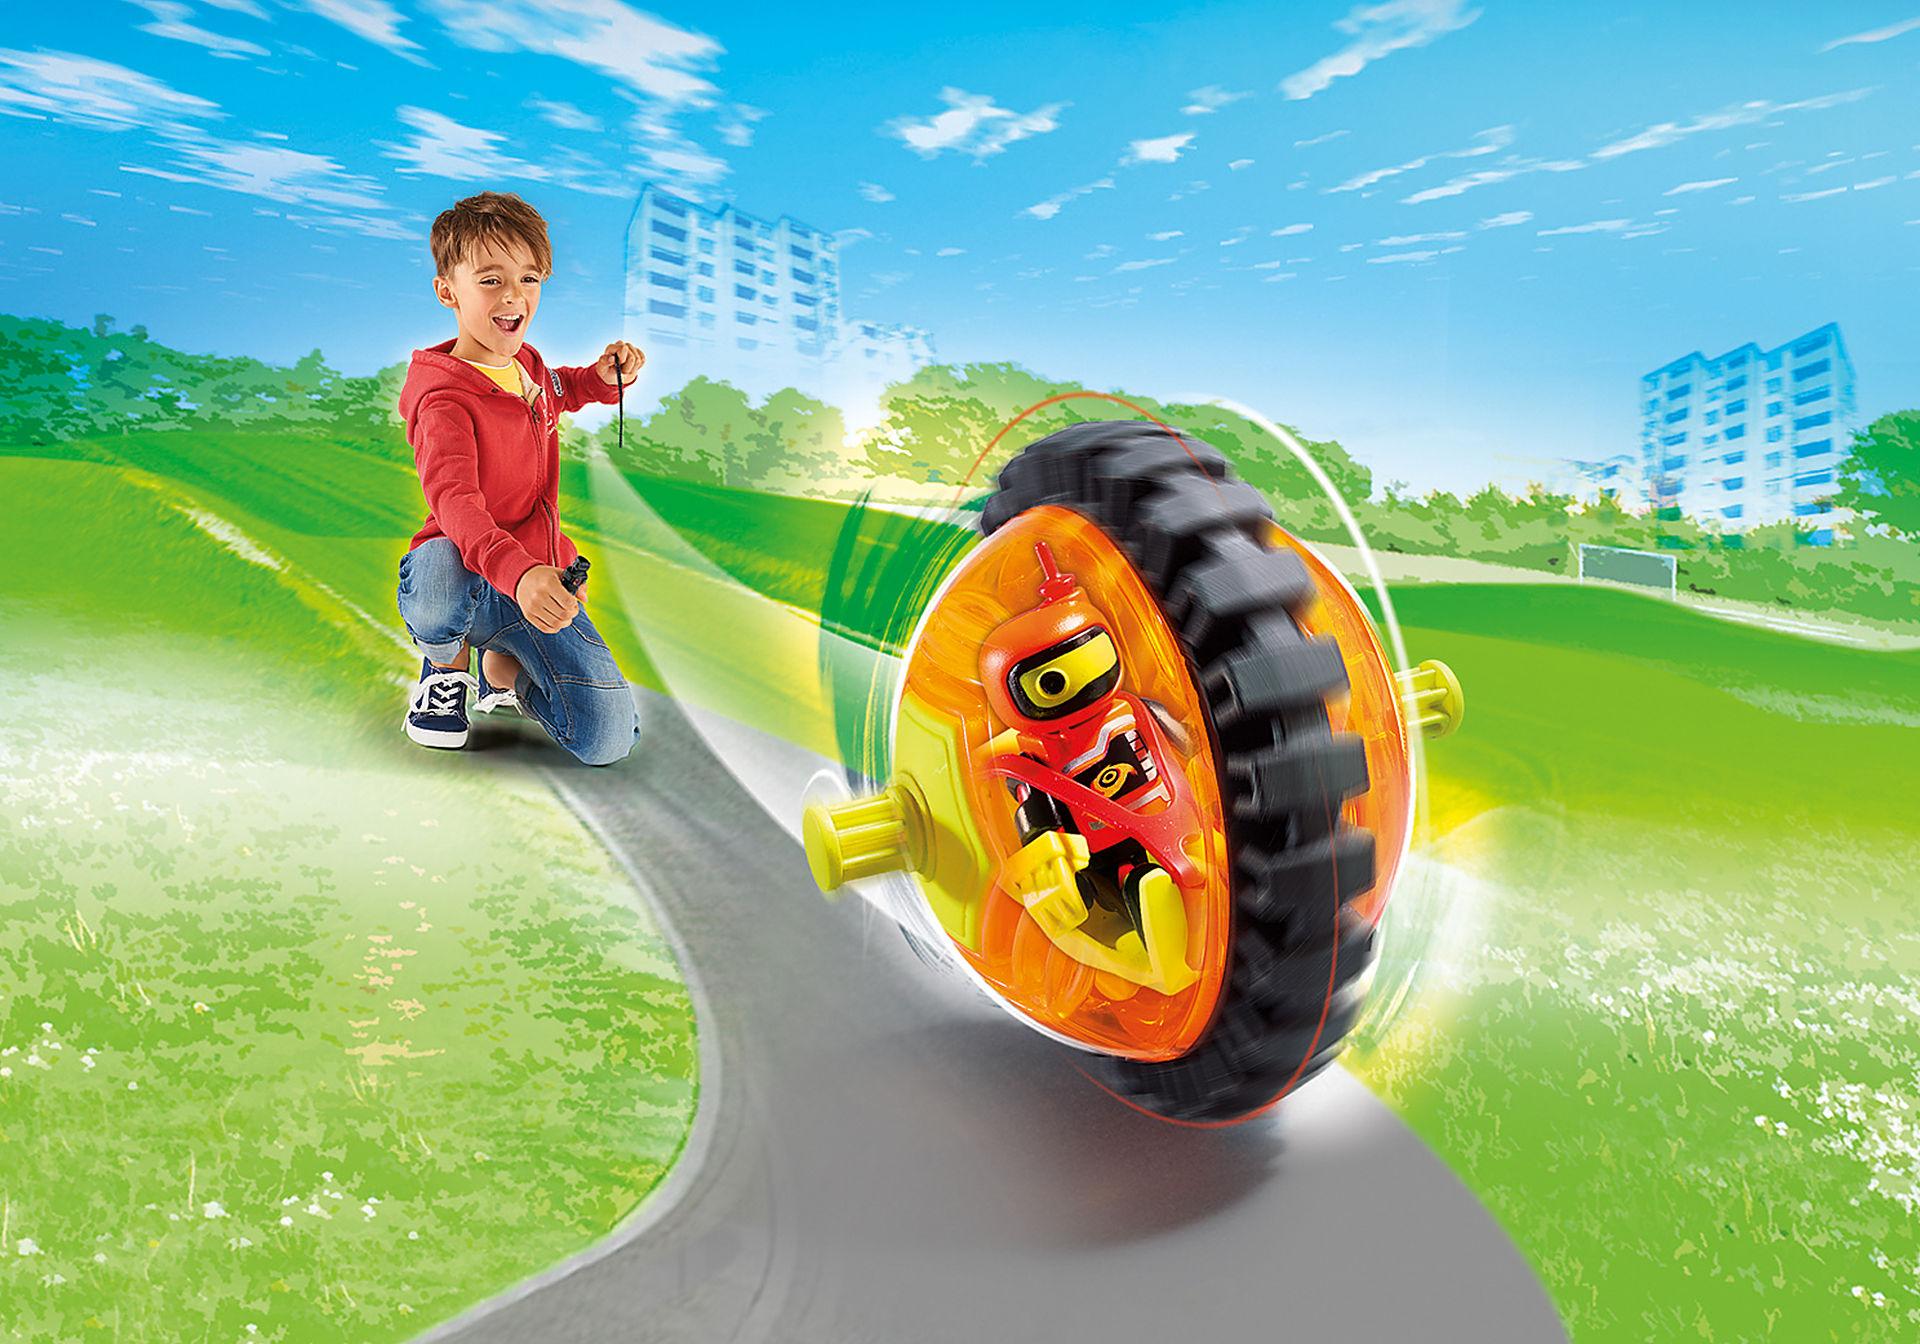 9203 Speed Roller arancio con robot zoom image1